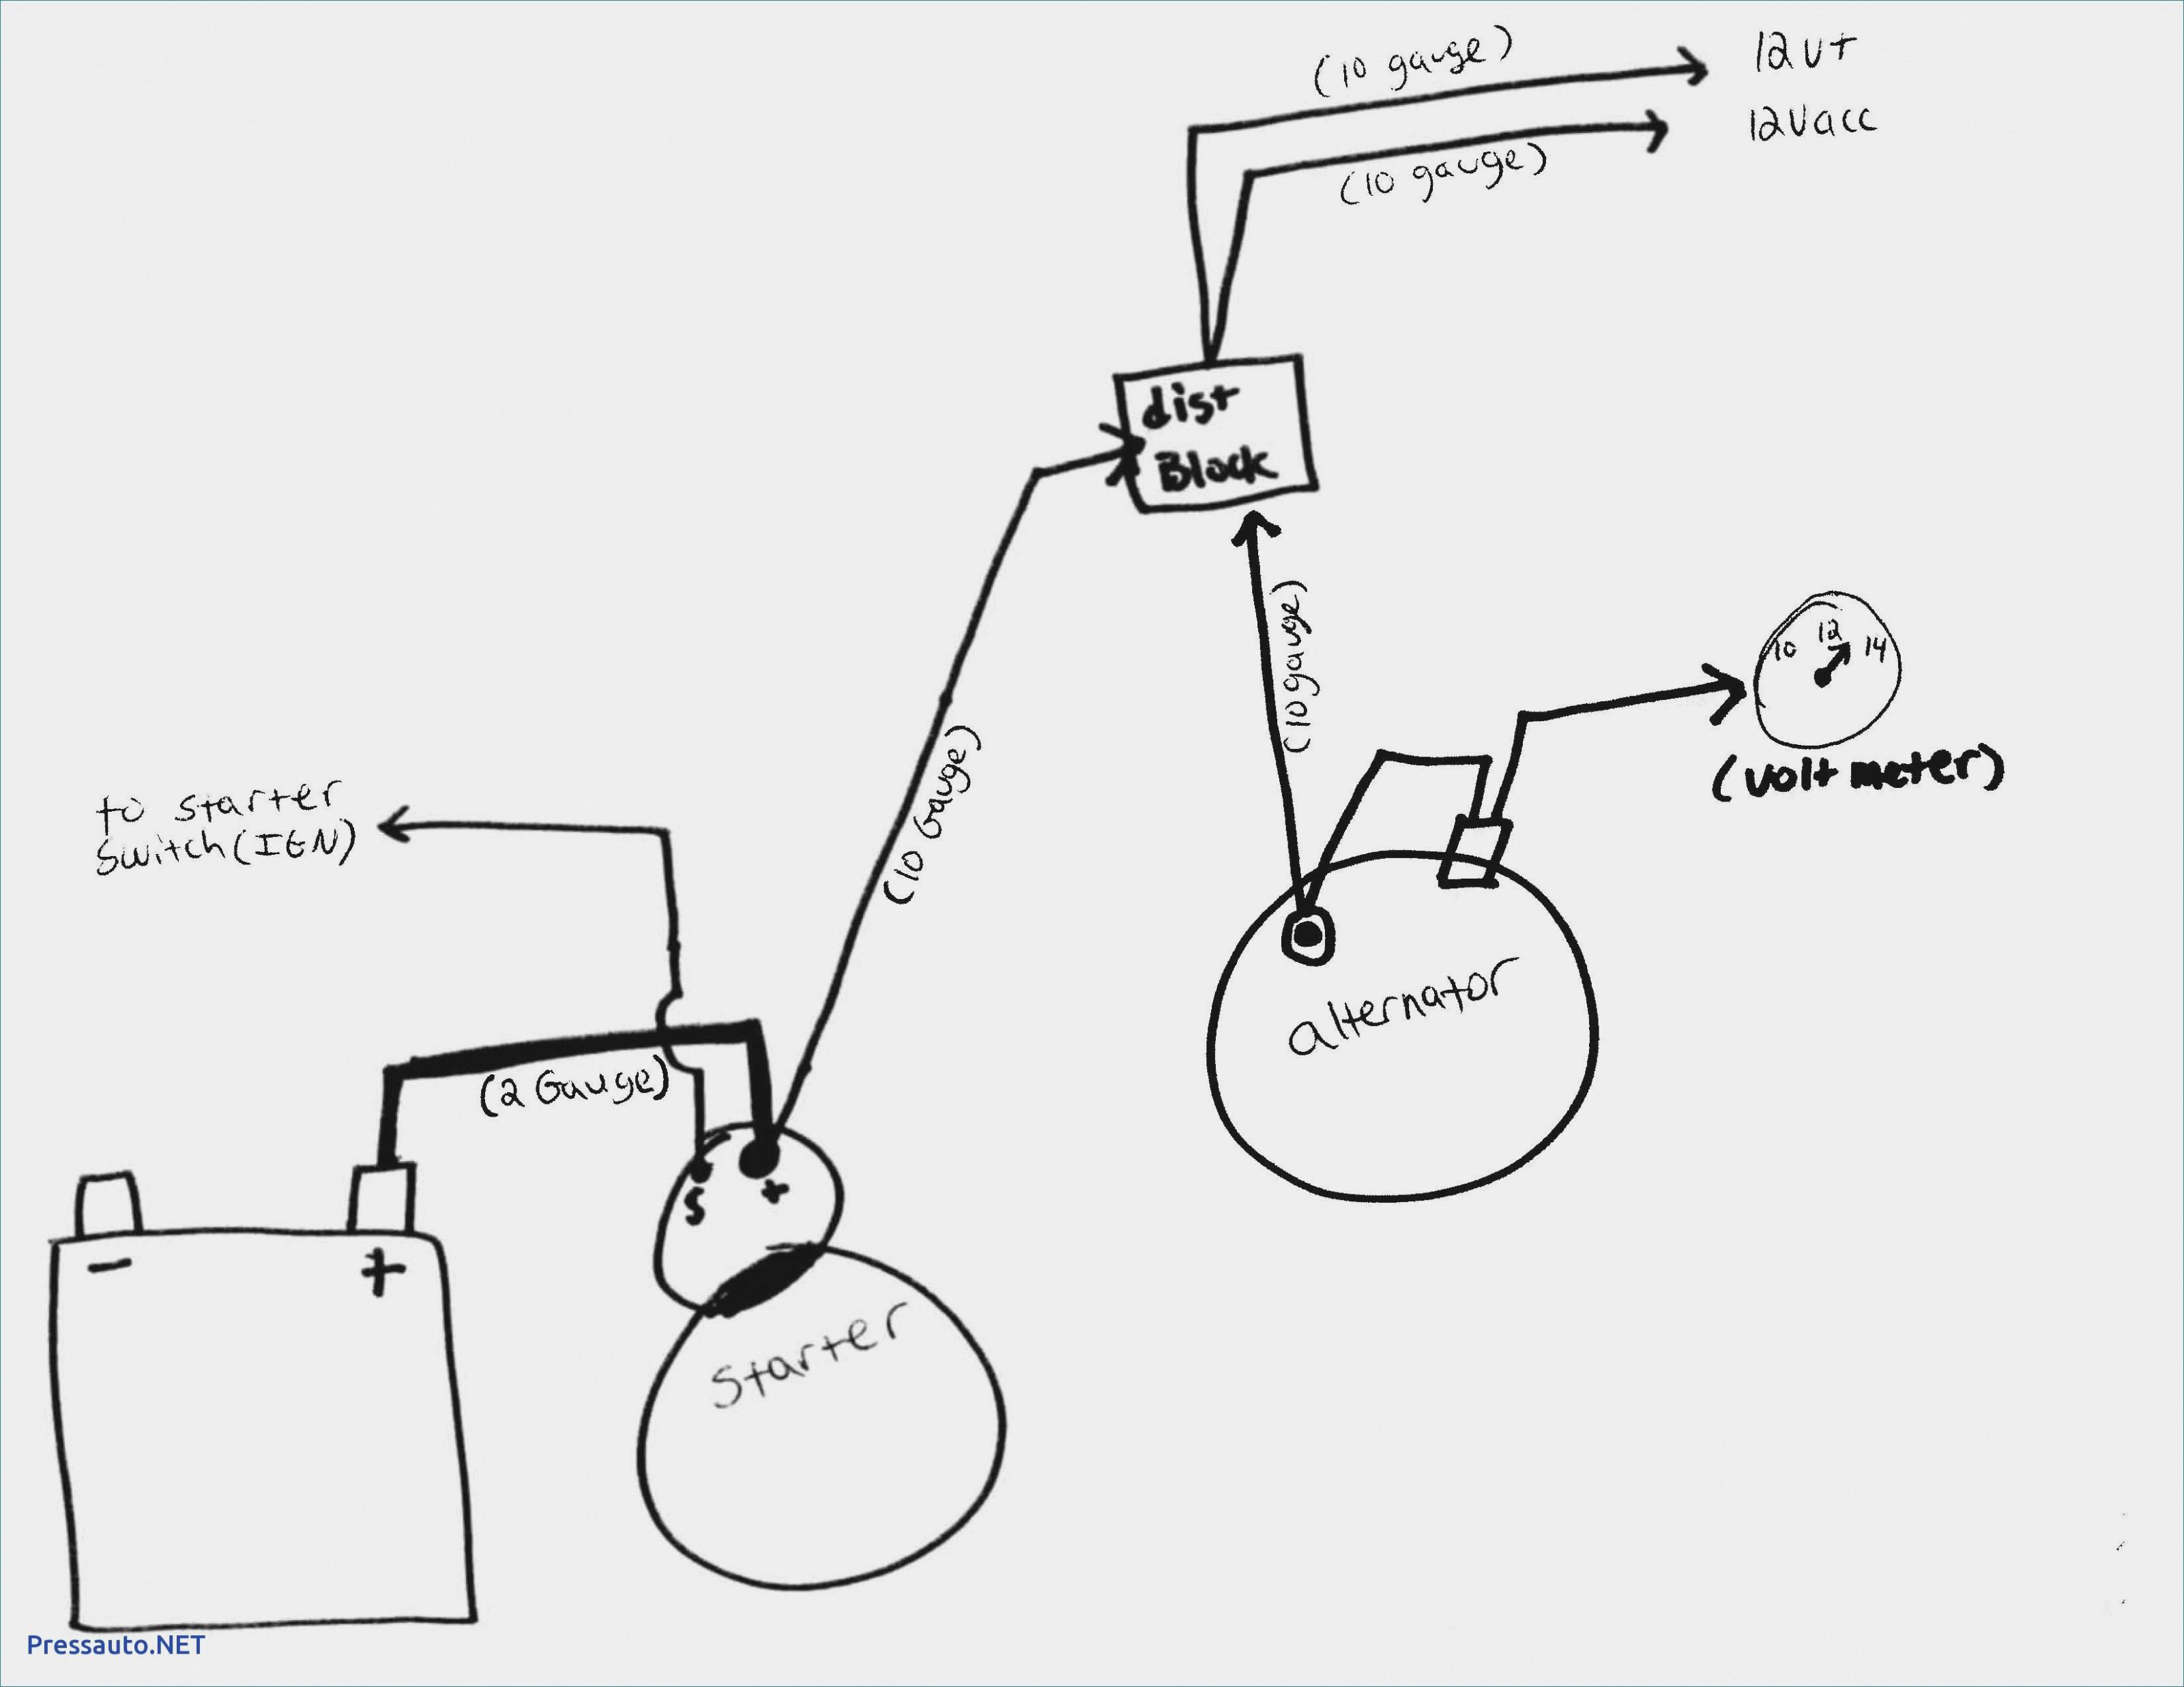 Cs130 Alternator Wiring Diagram 3 Wire Gm | Wiring Diagram - Cs130 Alternator Wiring Diagram